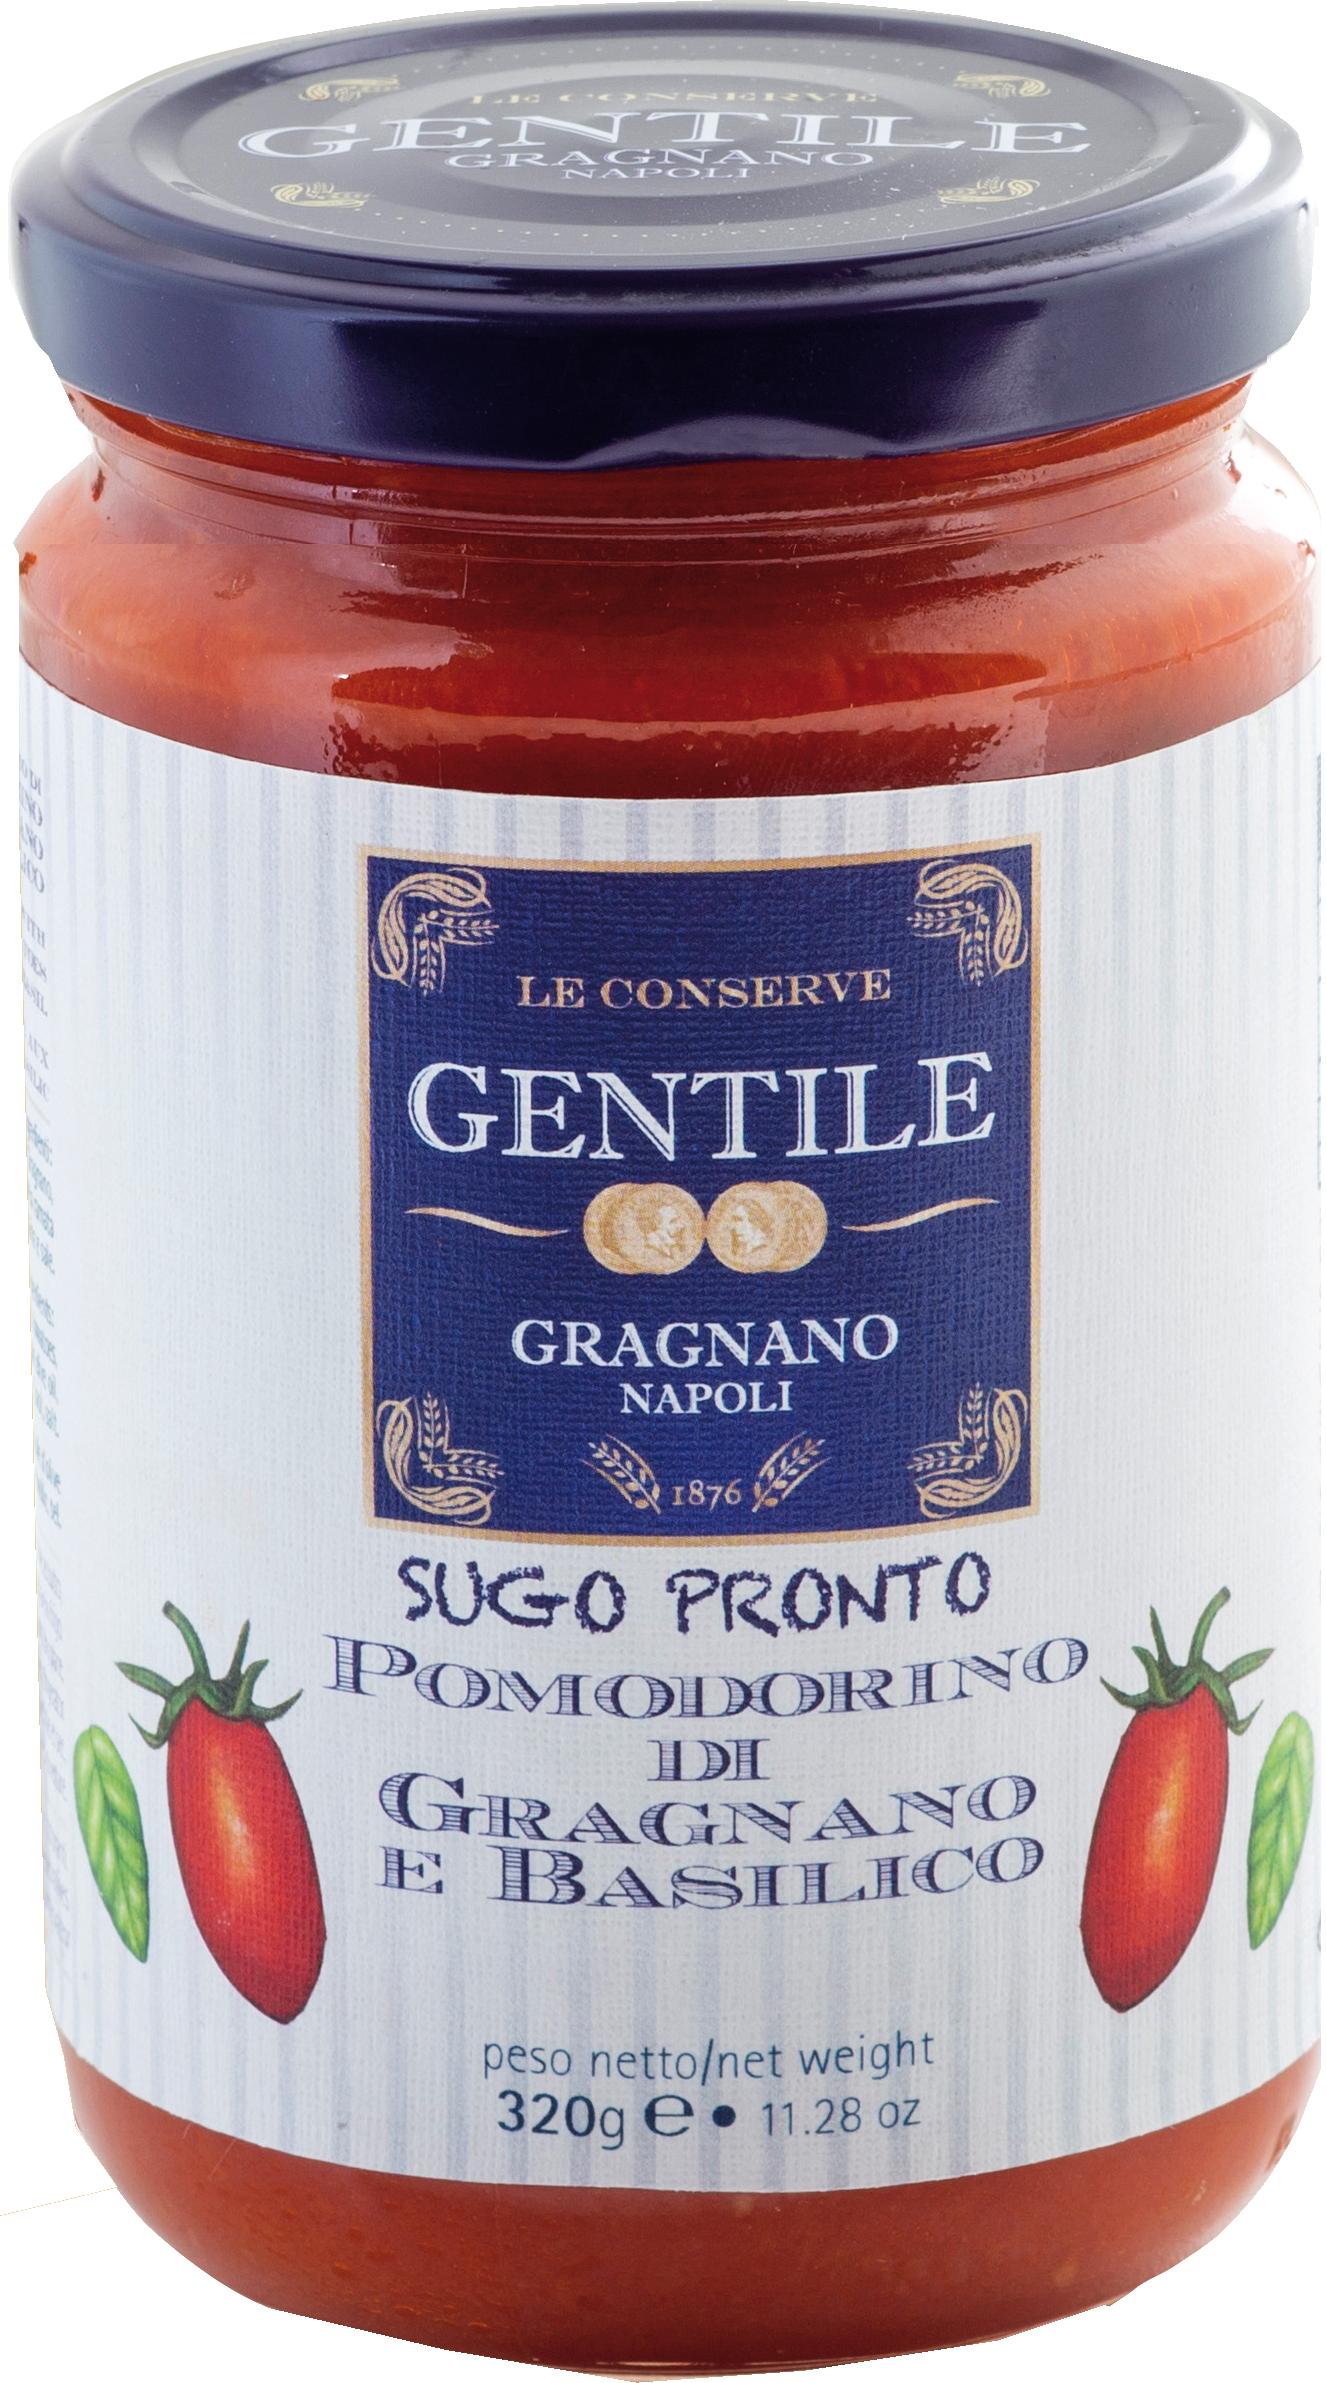 GENT2978-Sugo-pronto-gragnano-e-basilico